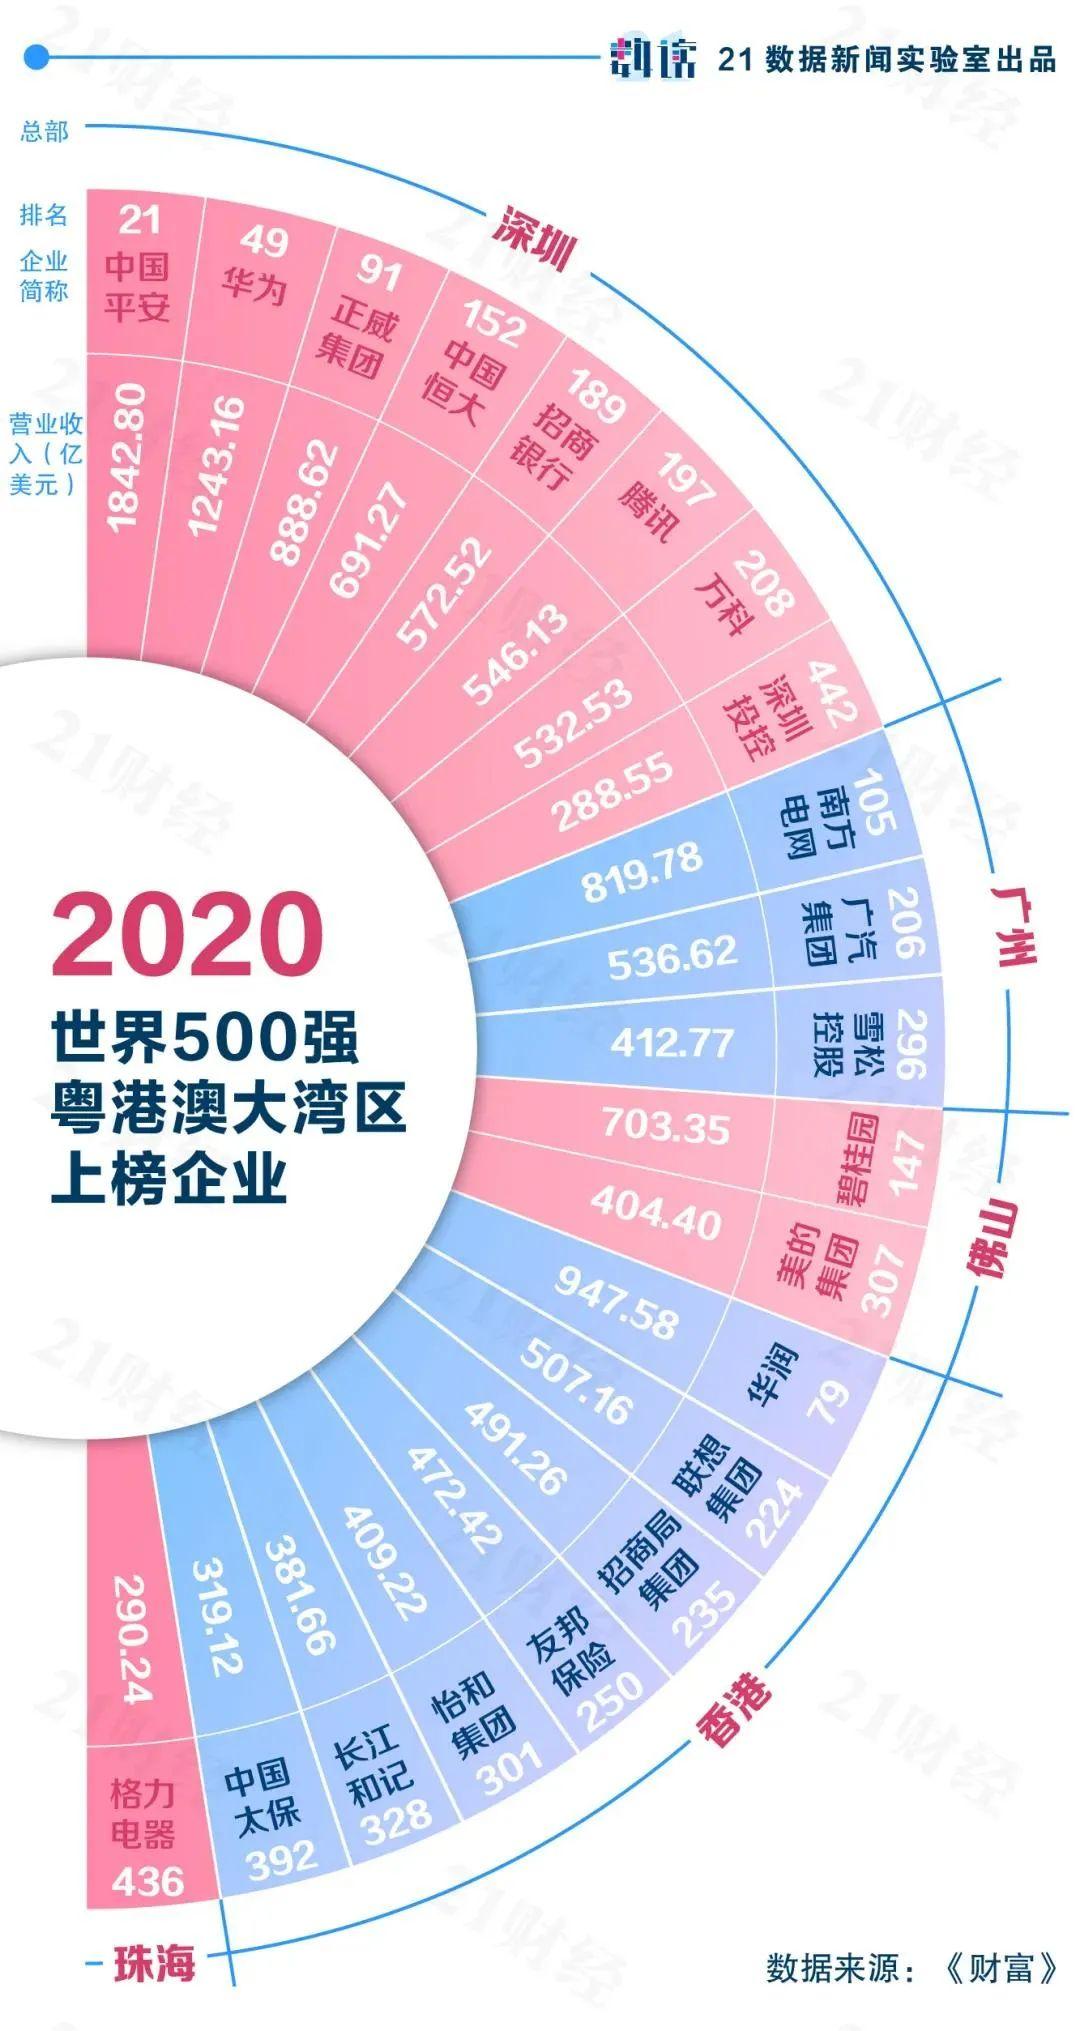 世界城市gdp_世界GDP前20强城市,美国9个,日本1个,中国令人意外!